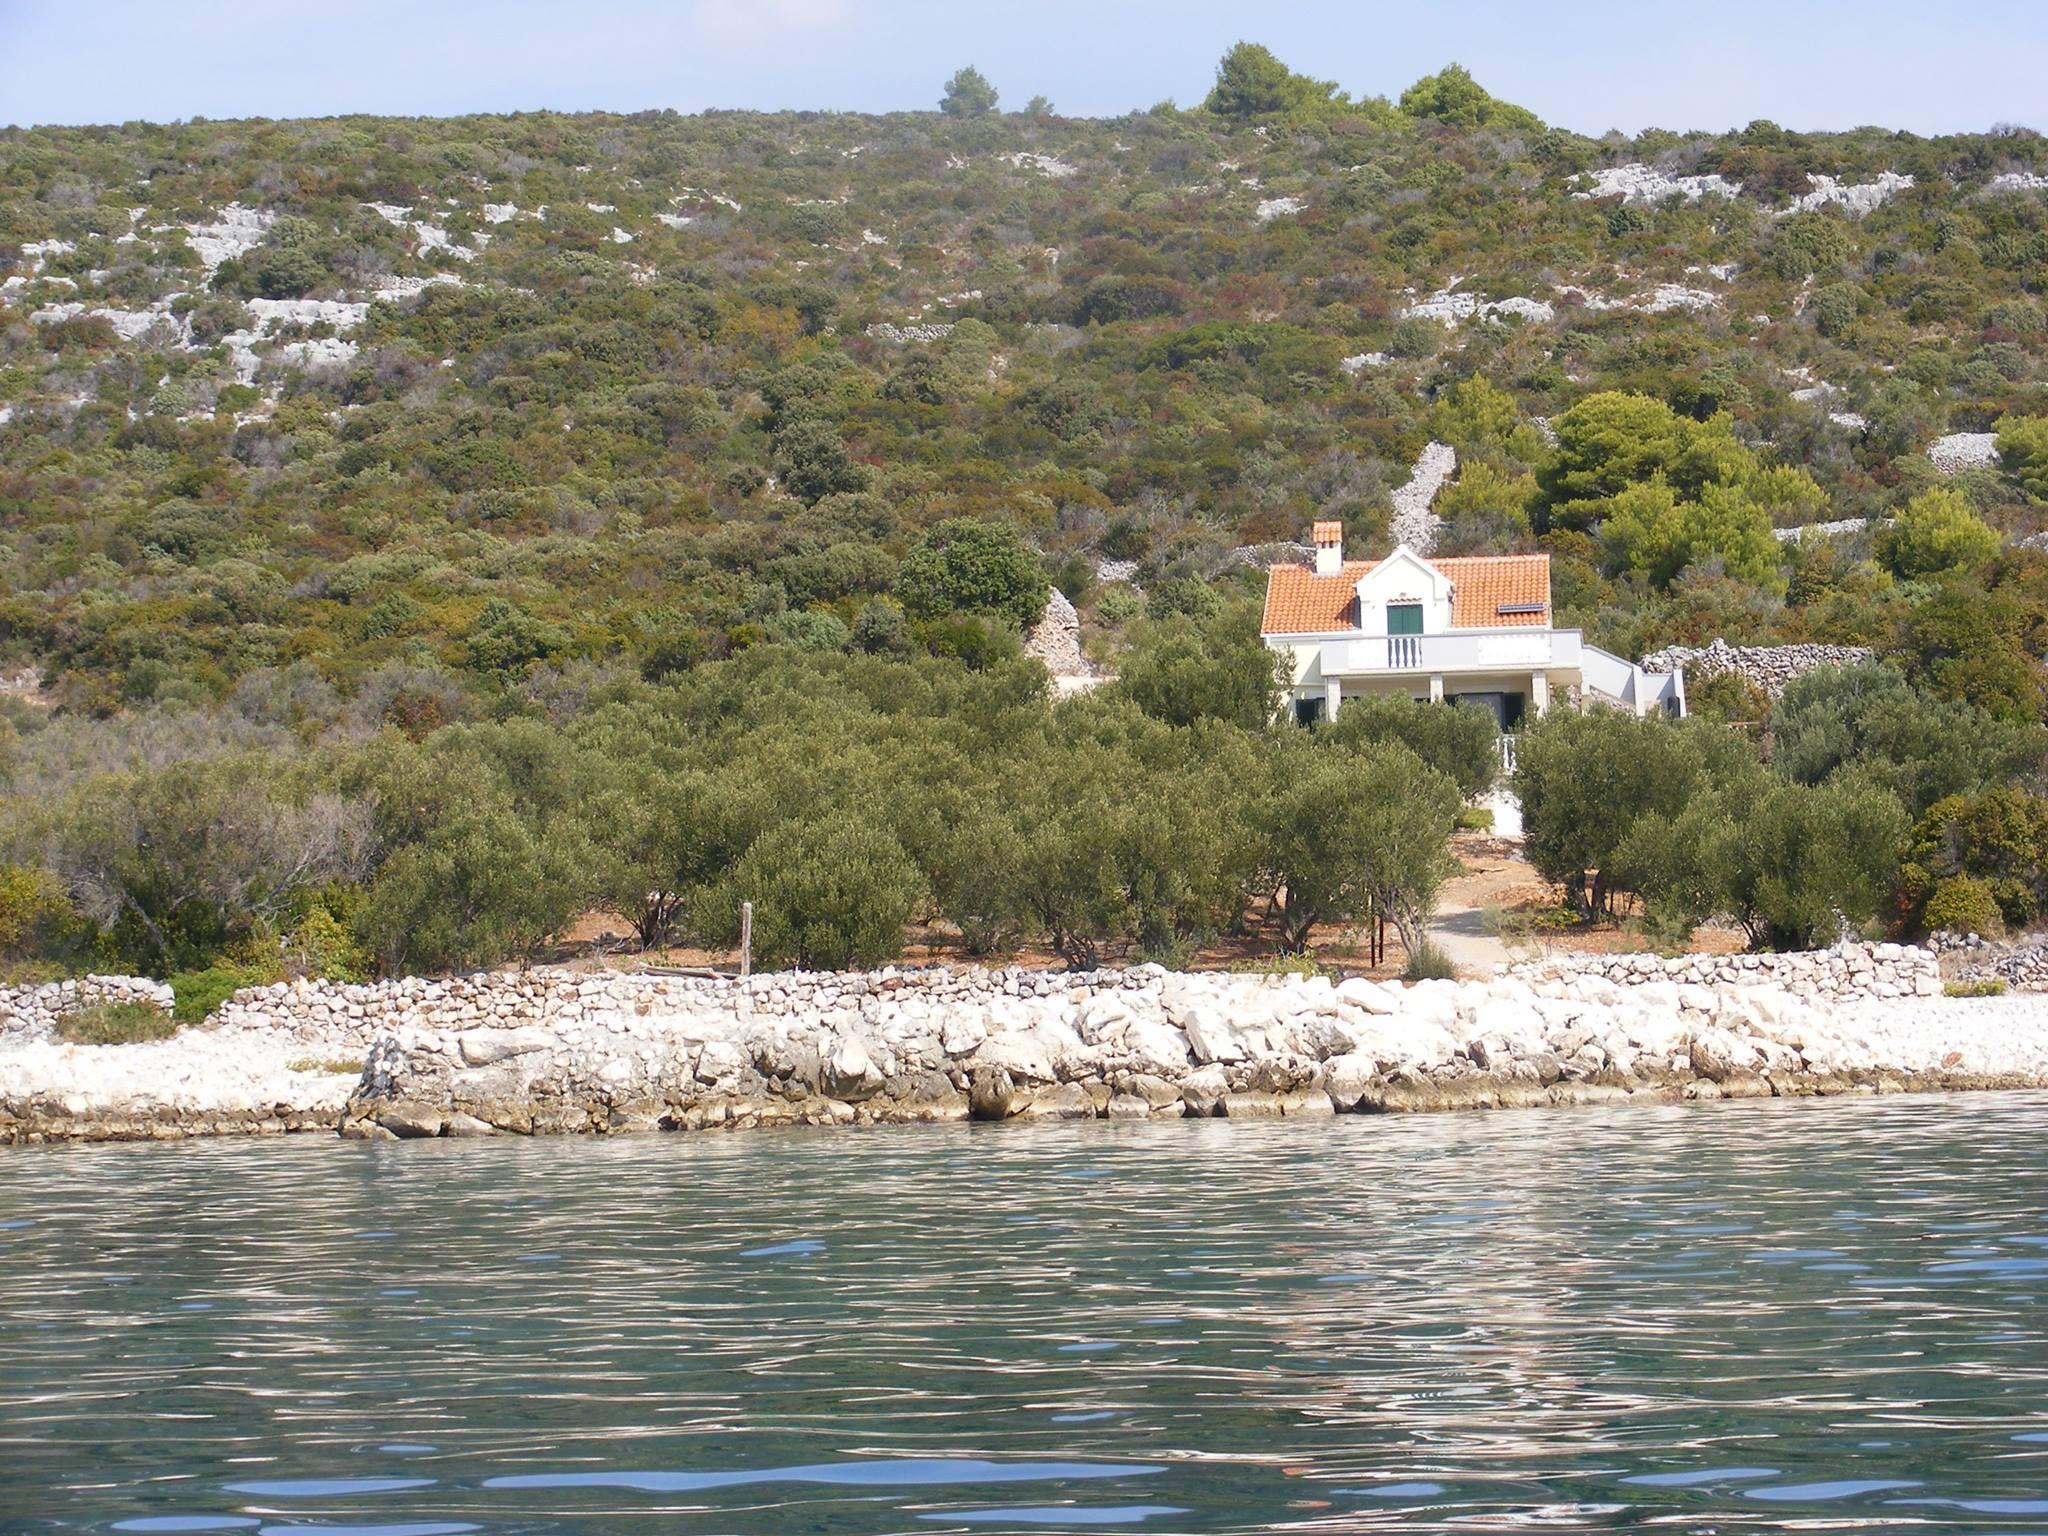 Suchen haus f r 4 personen zur alleinnutzung sommer 2015 for Haus suchen